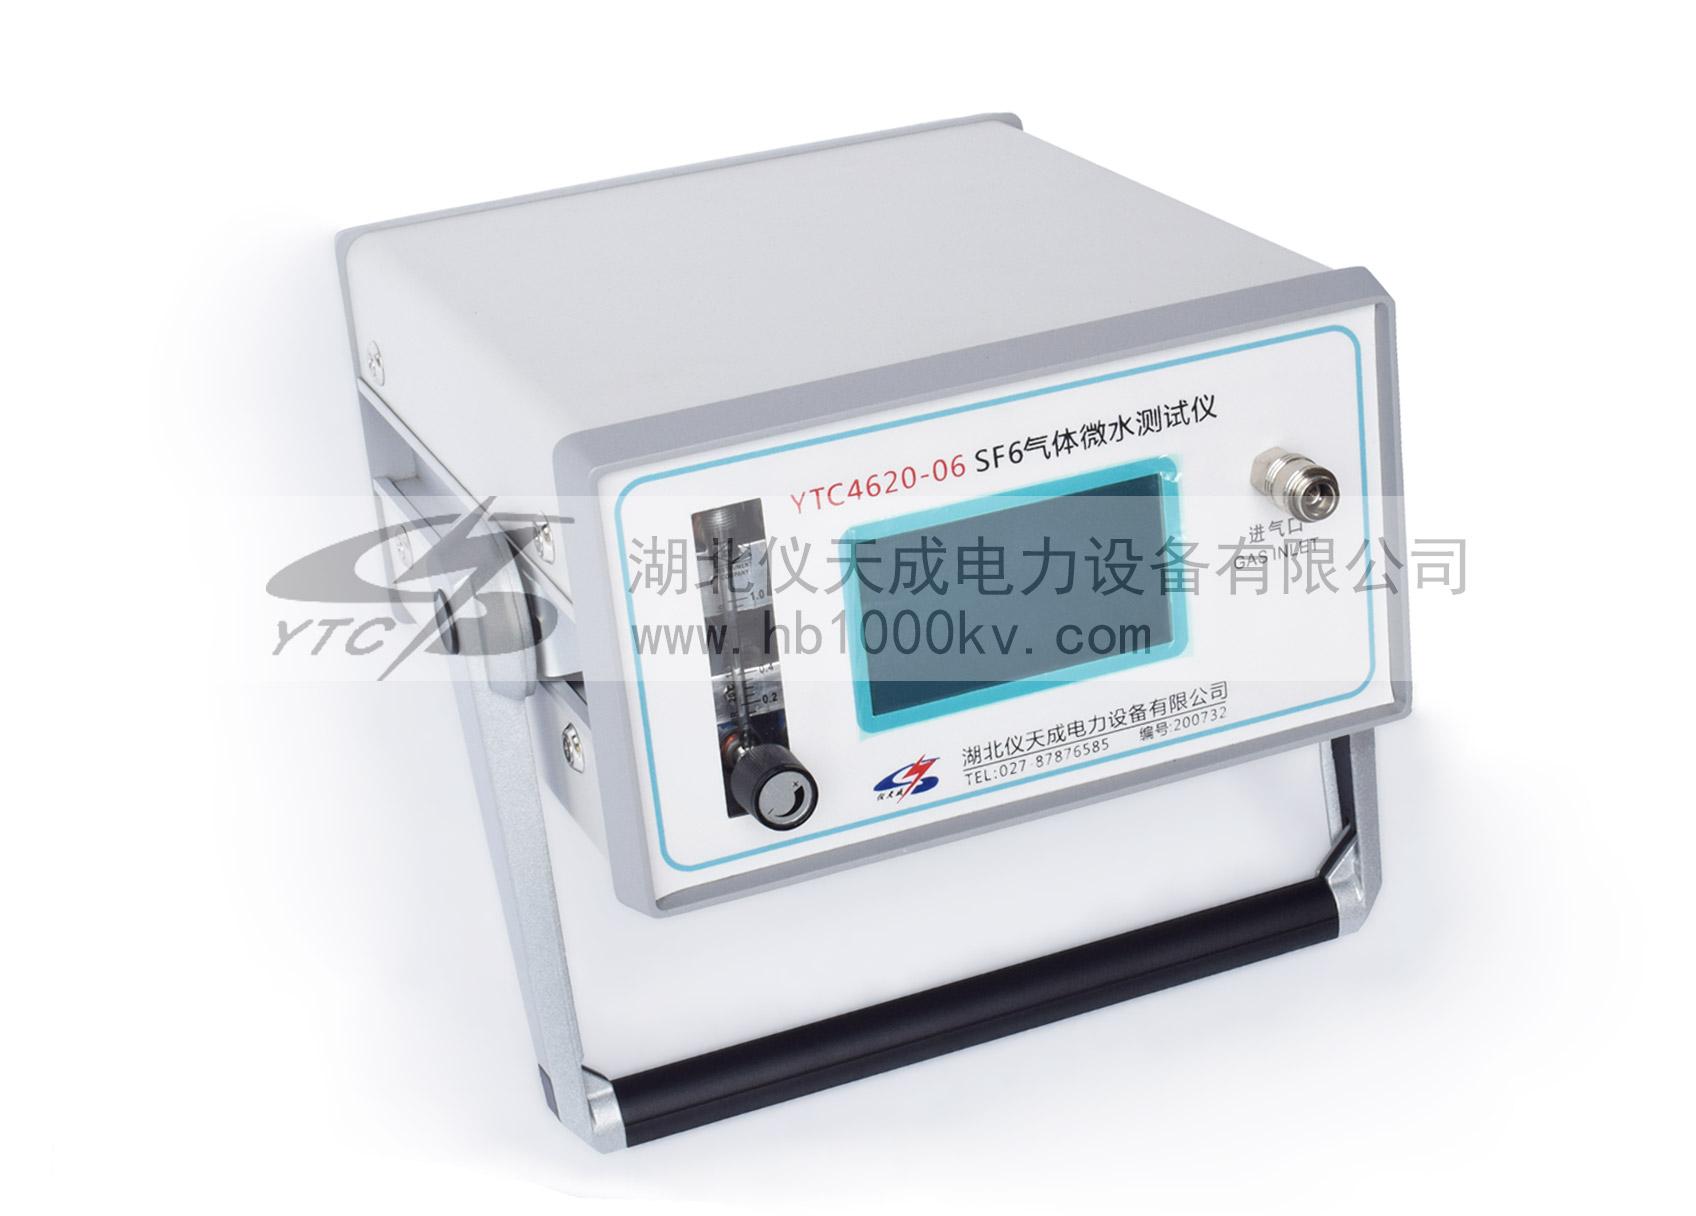 YTC4620-06 SF6微liangshui分celiang仪